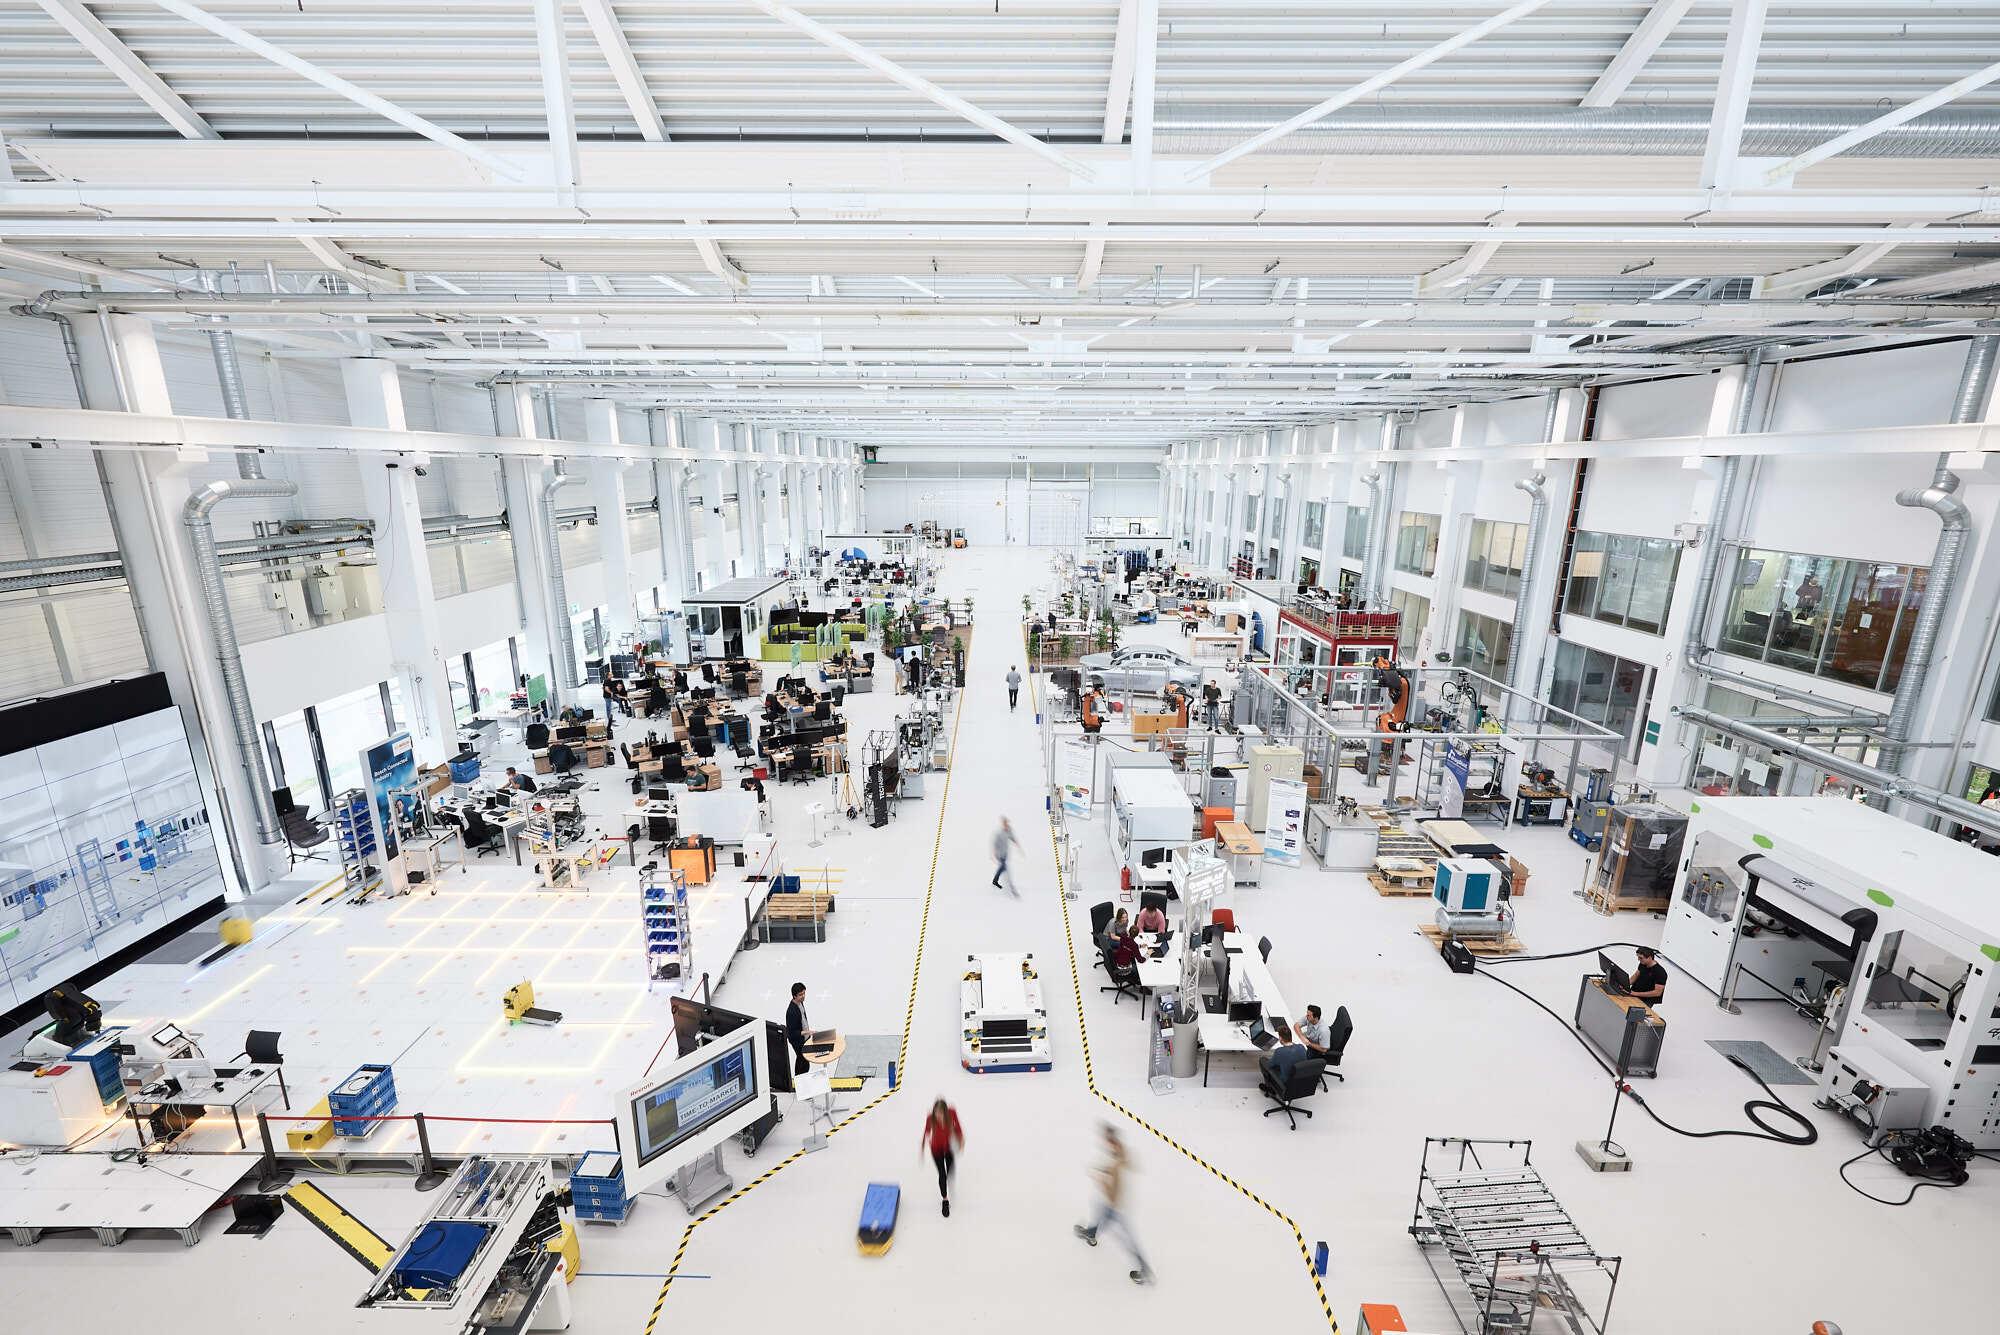 CNC-Fertigung in der ARENA2036 Halle